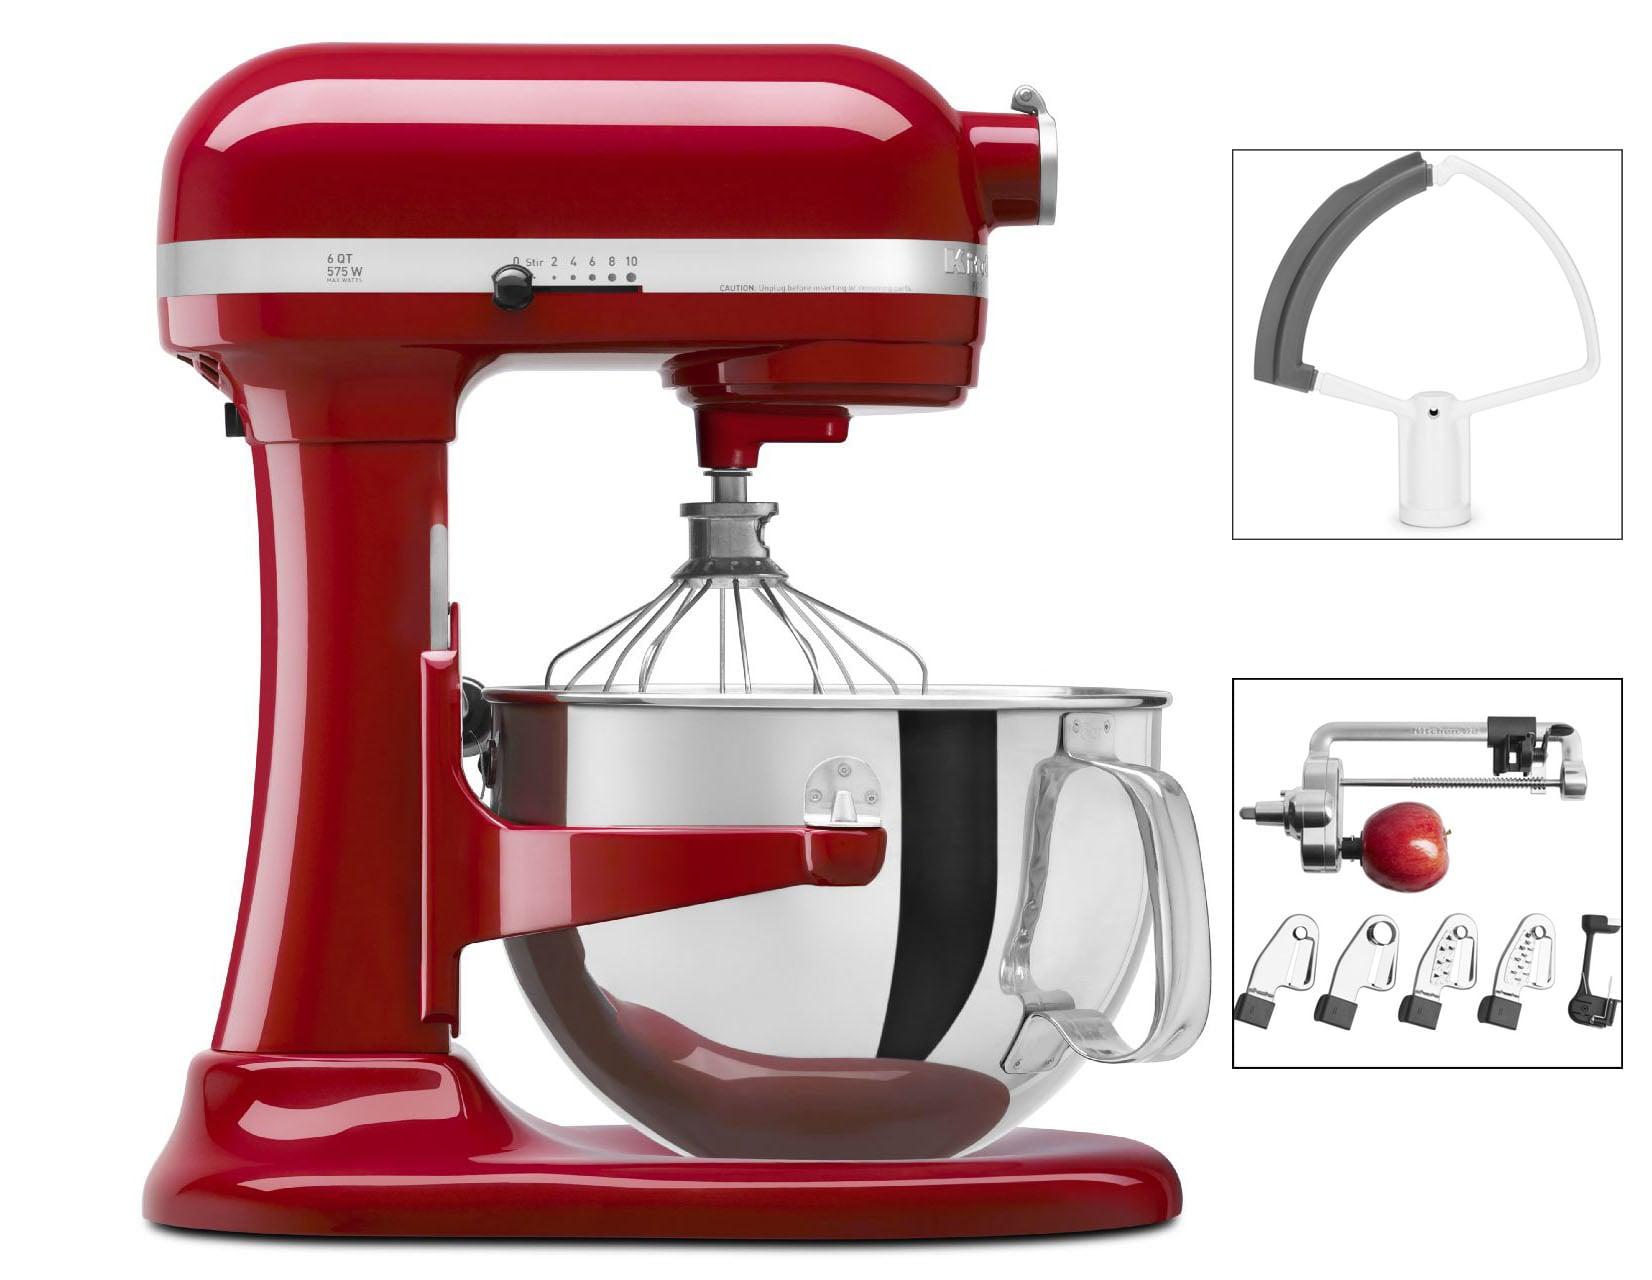 KitchenAid Mixers Small Appliances - KP26M1X-3-KIT on kitchenaid artisan, kitchenaid stand mixer, kitchenaid beaters 4 5-quart, kitchenaid dough hook, kitchenaid hand mixer, kitchenaid accessories, kitchenaid attachments, kitchenaid citrus juicer, kitchenaid sausage stuffer, kitchenaid mixer bowls, kitchenaid pasta press,